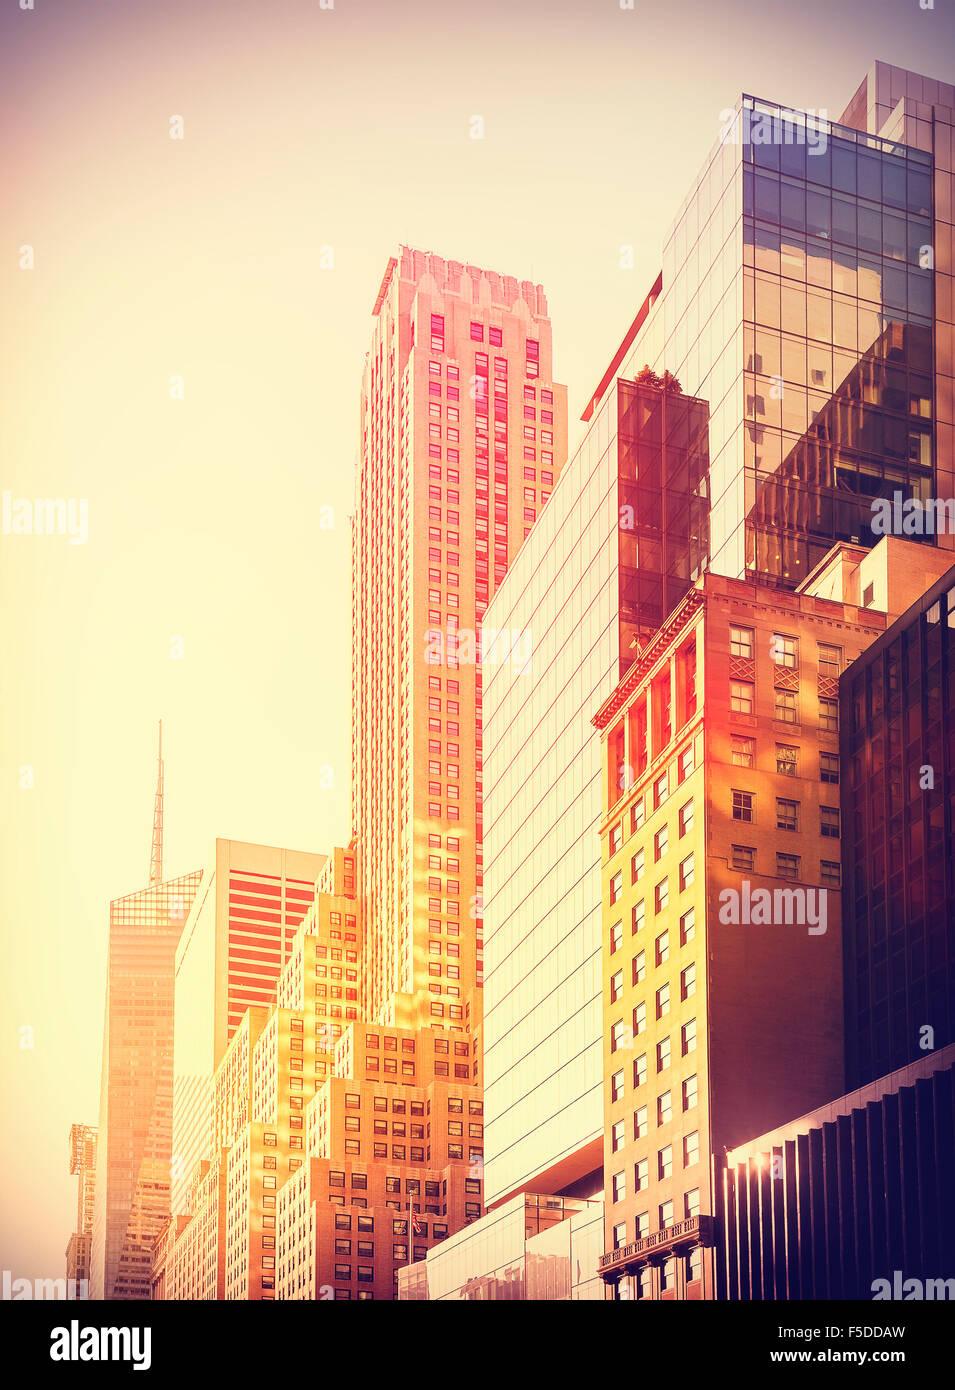 Vintage instagram foto filtrada de los rascacielos de Manhattan al atardecer, la ciudad de Nueva York, EE.UU.. Imagen De Stock